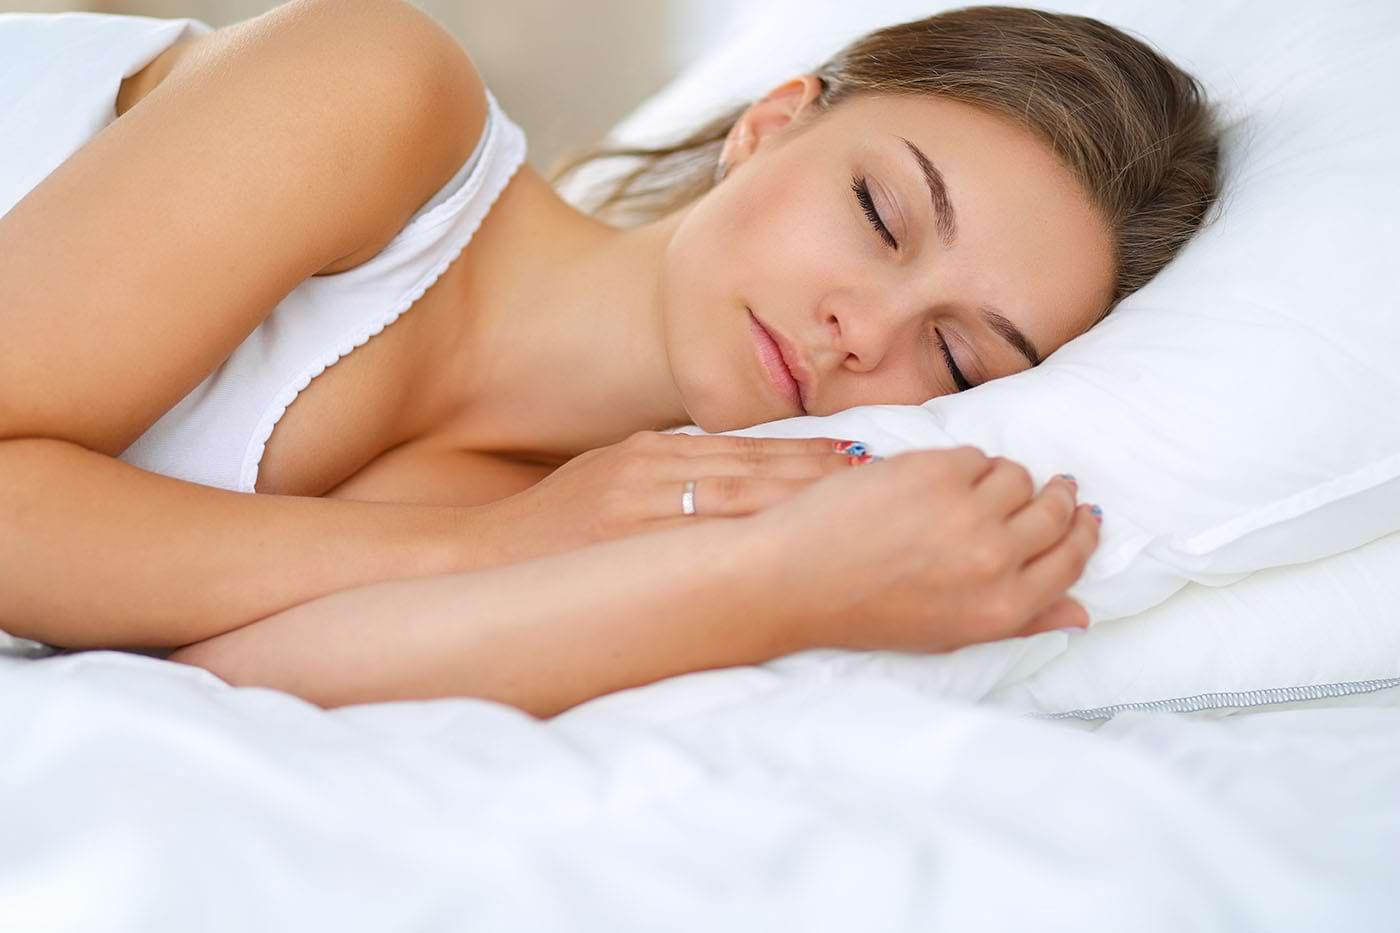 Cum să adormi mai repede: trucuri și recomandări pentru insomnii